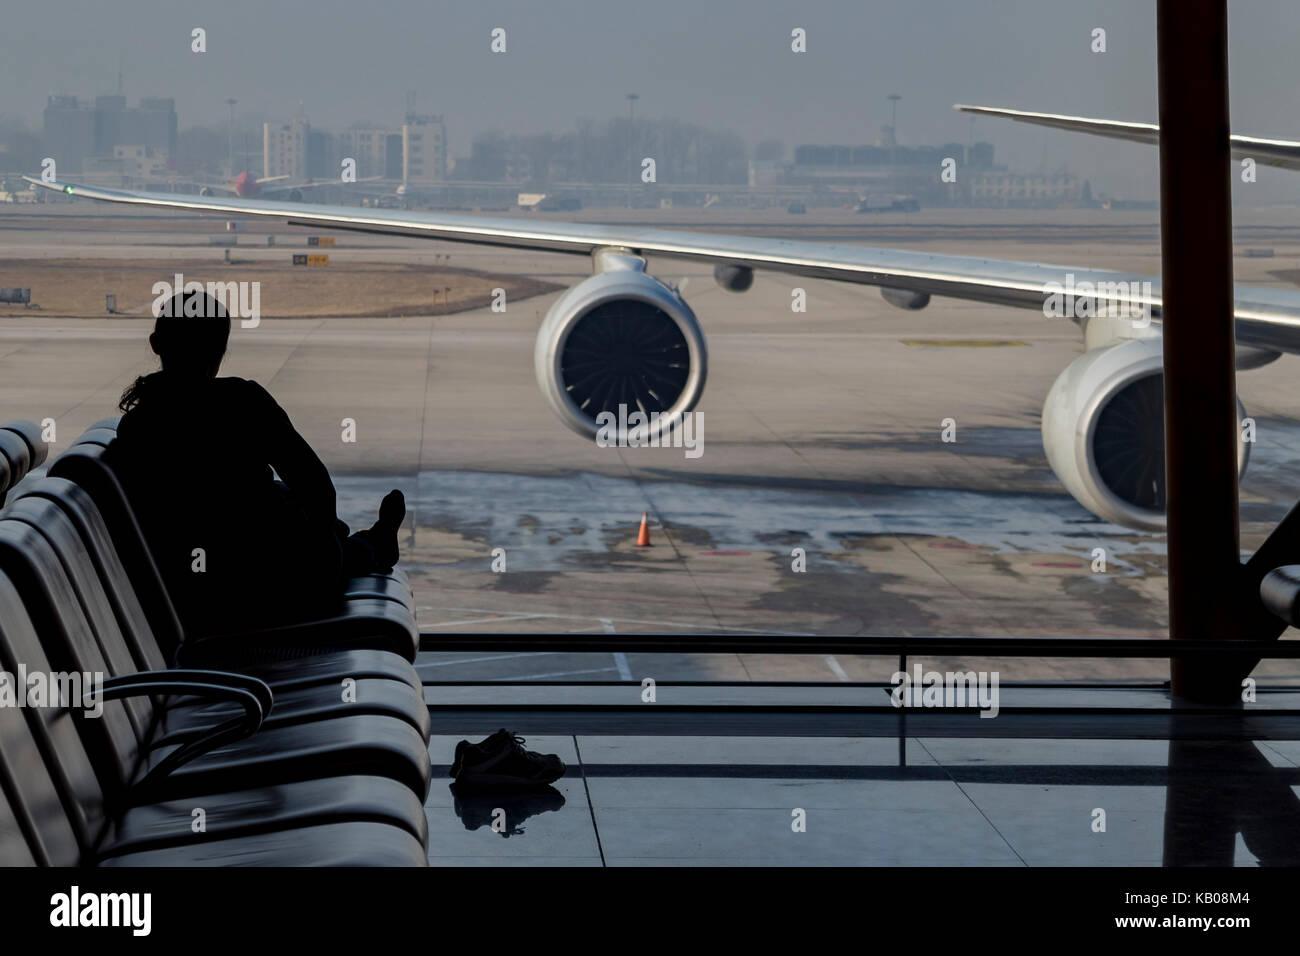 Beijing, Jan 3: Zona de descanso del aeropuerto internacional de Beijing en Beijing, China Imagen De Stock